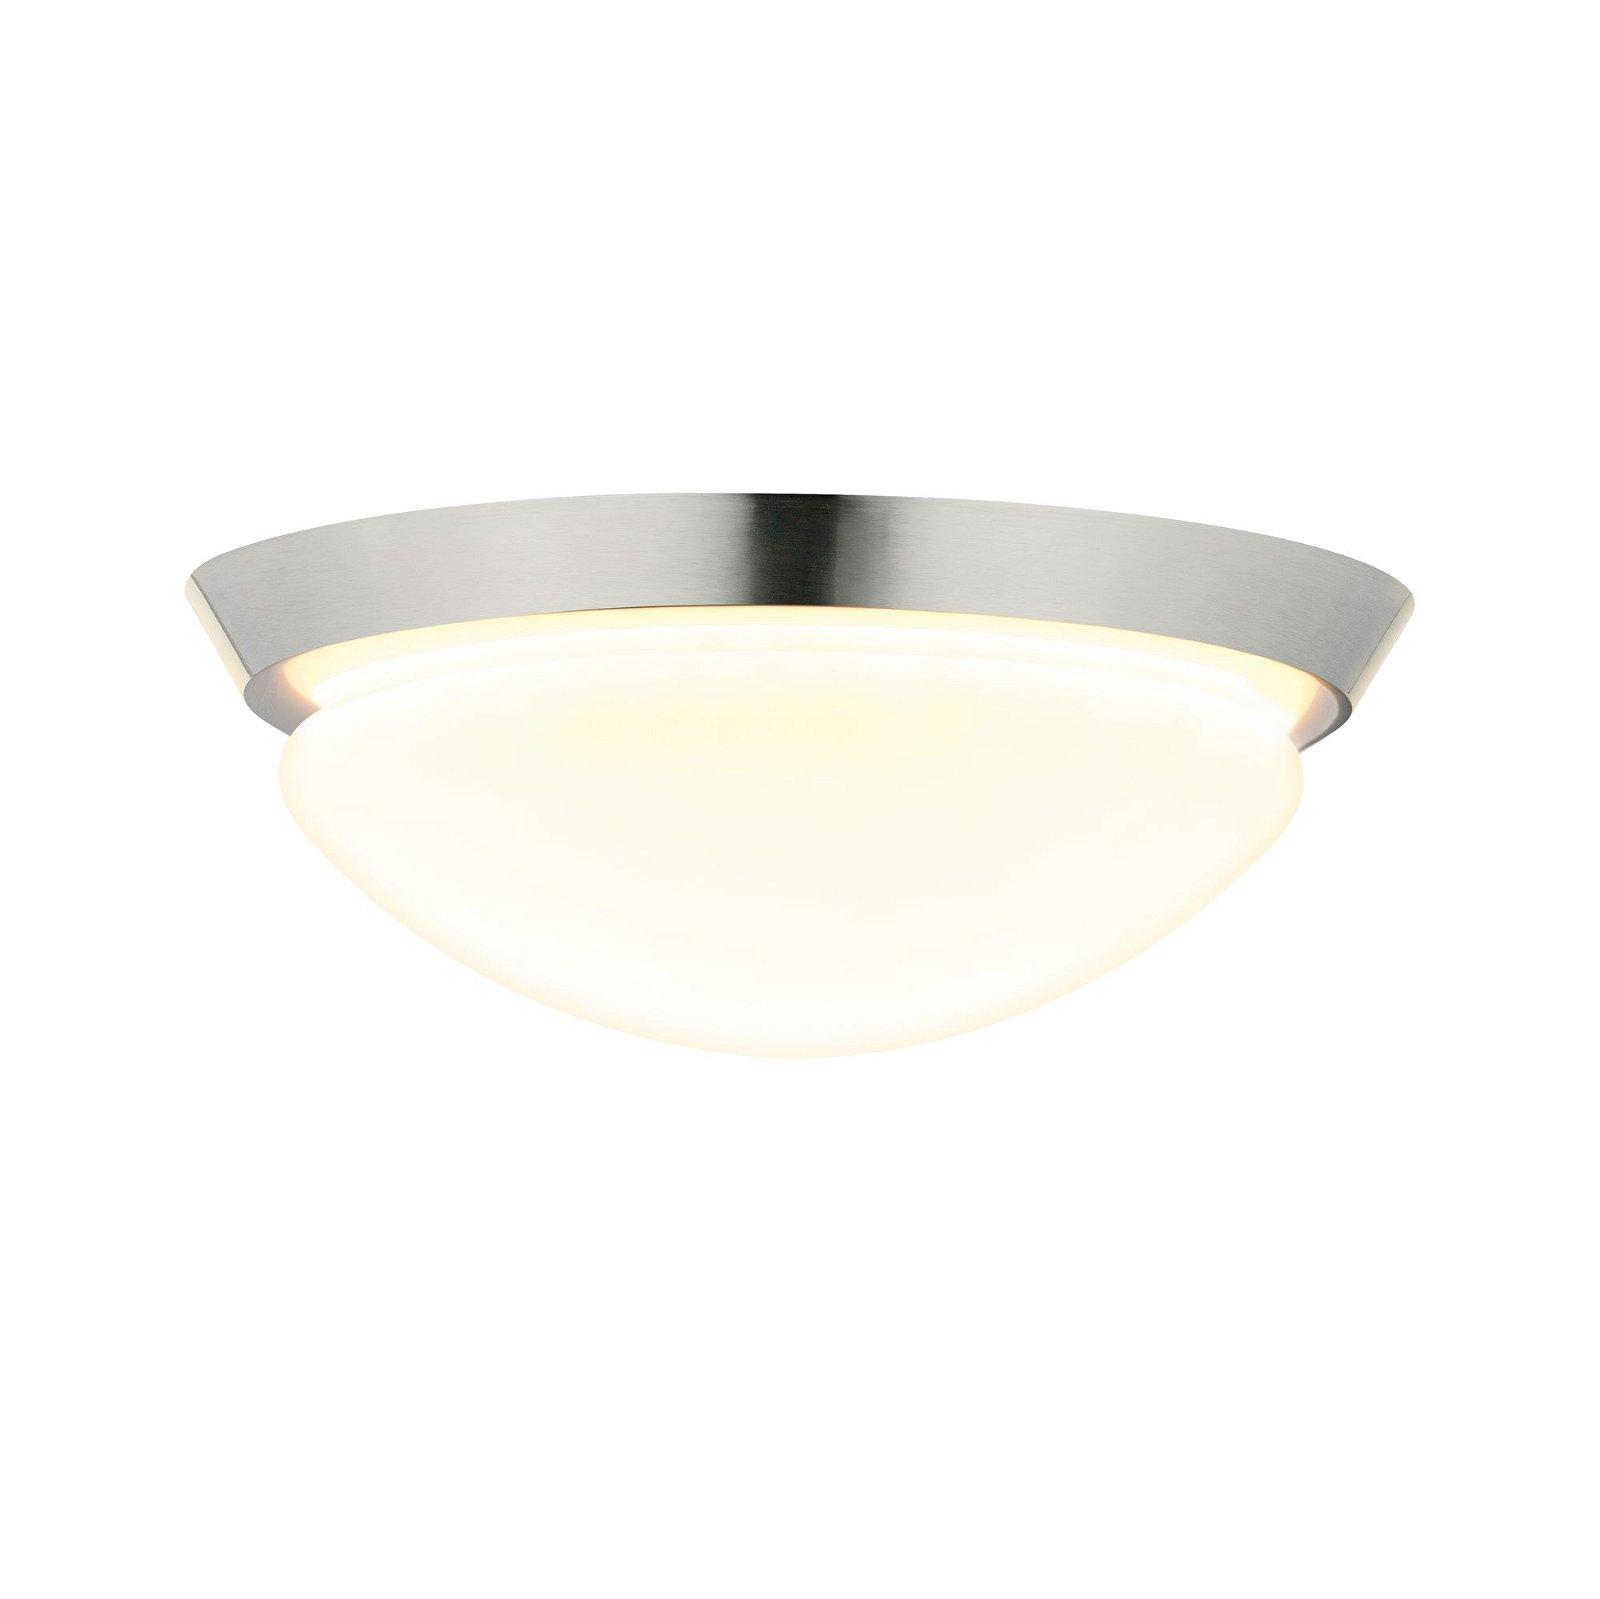 Deckenleuchte Ixa IP44 Eisen/Weiß ohne Leuchtmittel, max. 18W E27